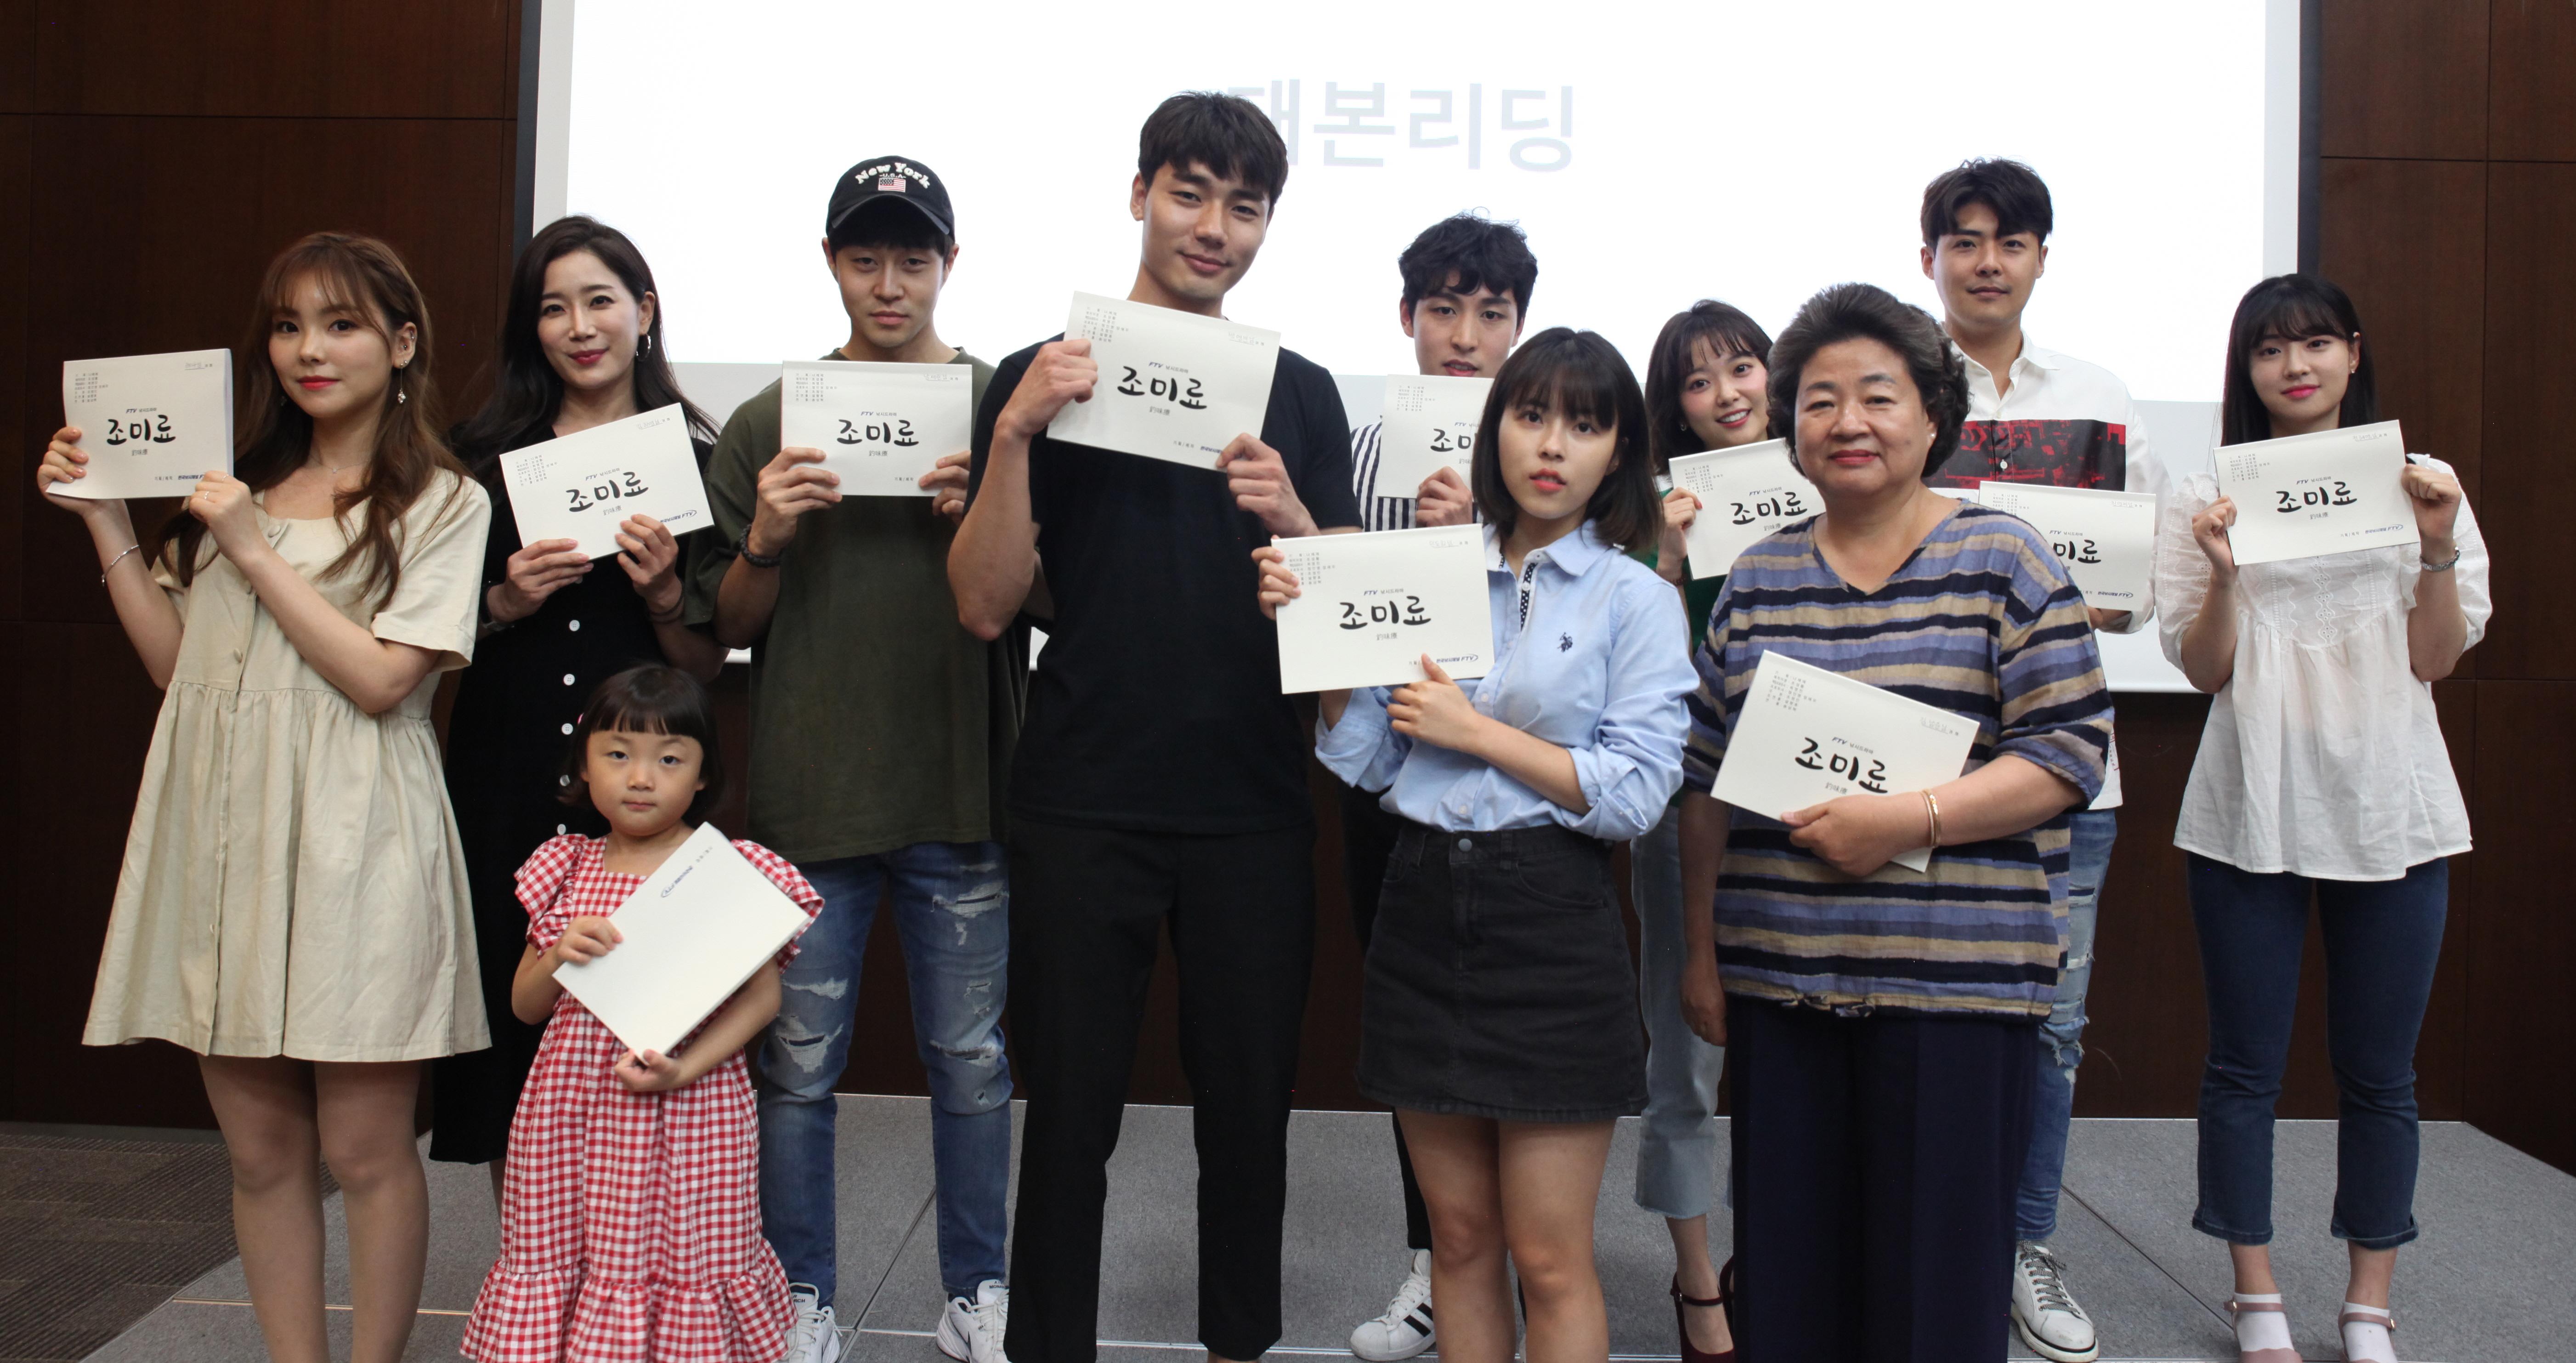 민도희 첫 주연 낚시드라마 '조미료', 대본 리딩 시작으로 공식 스타트